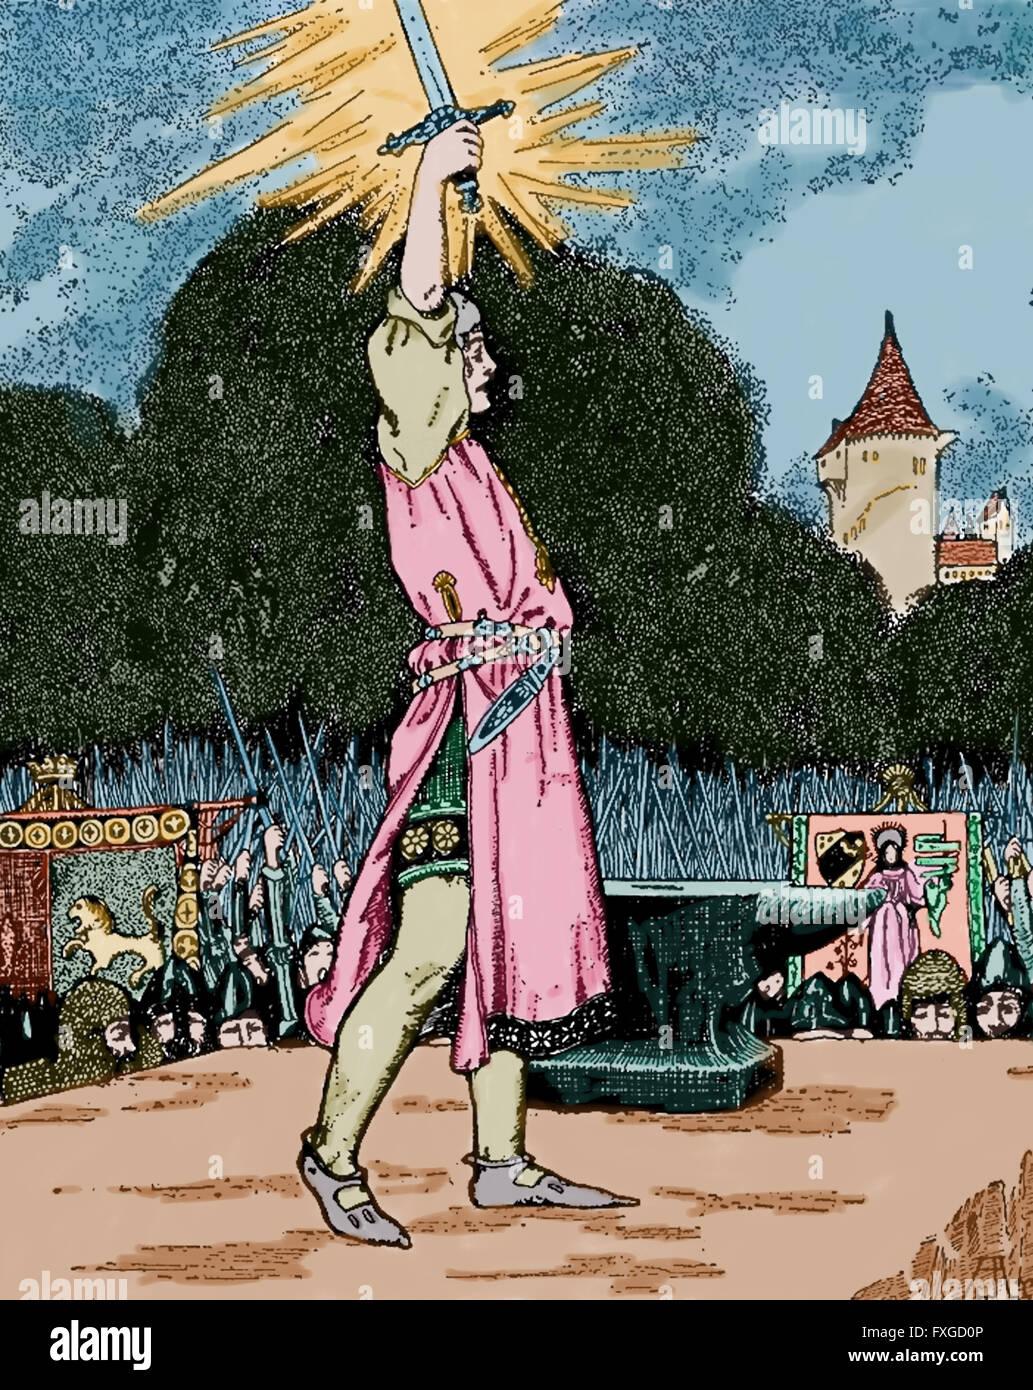 Excalibur. Legendäres Schwert. Young-Arthur zieht das Schwert aus dem Stein. Gravur. Farbe. Stockbild